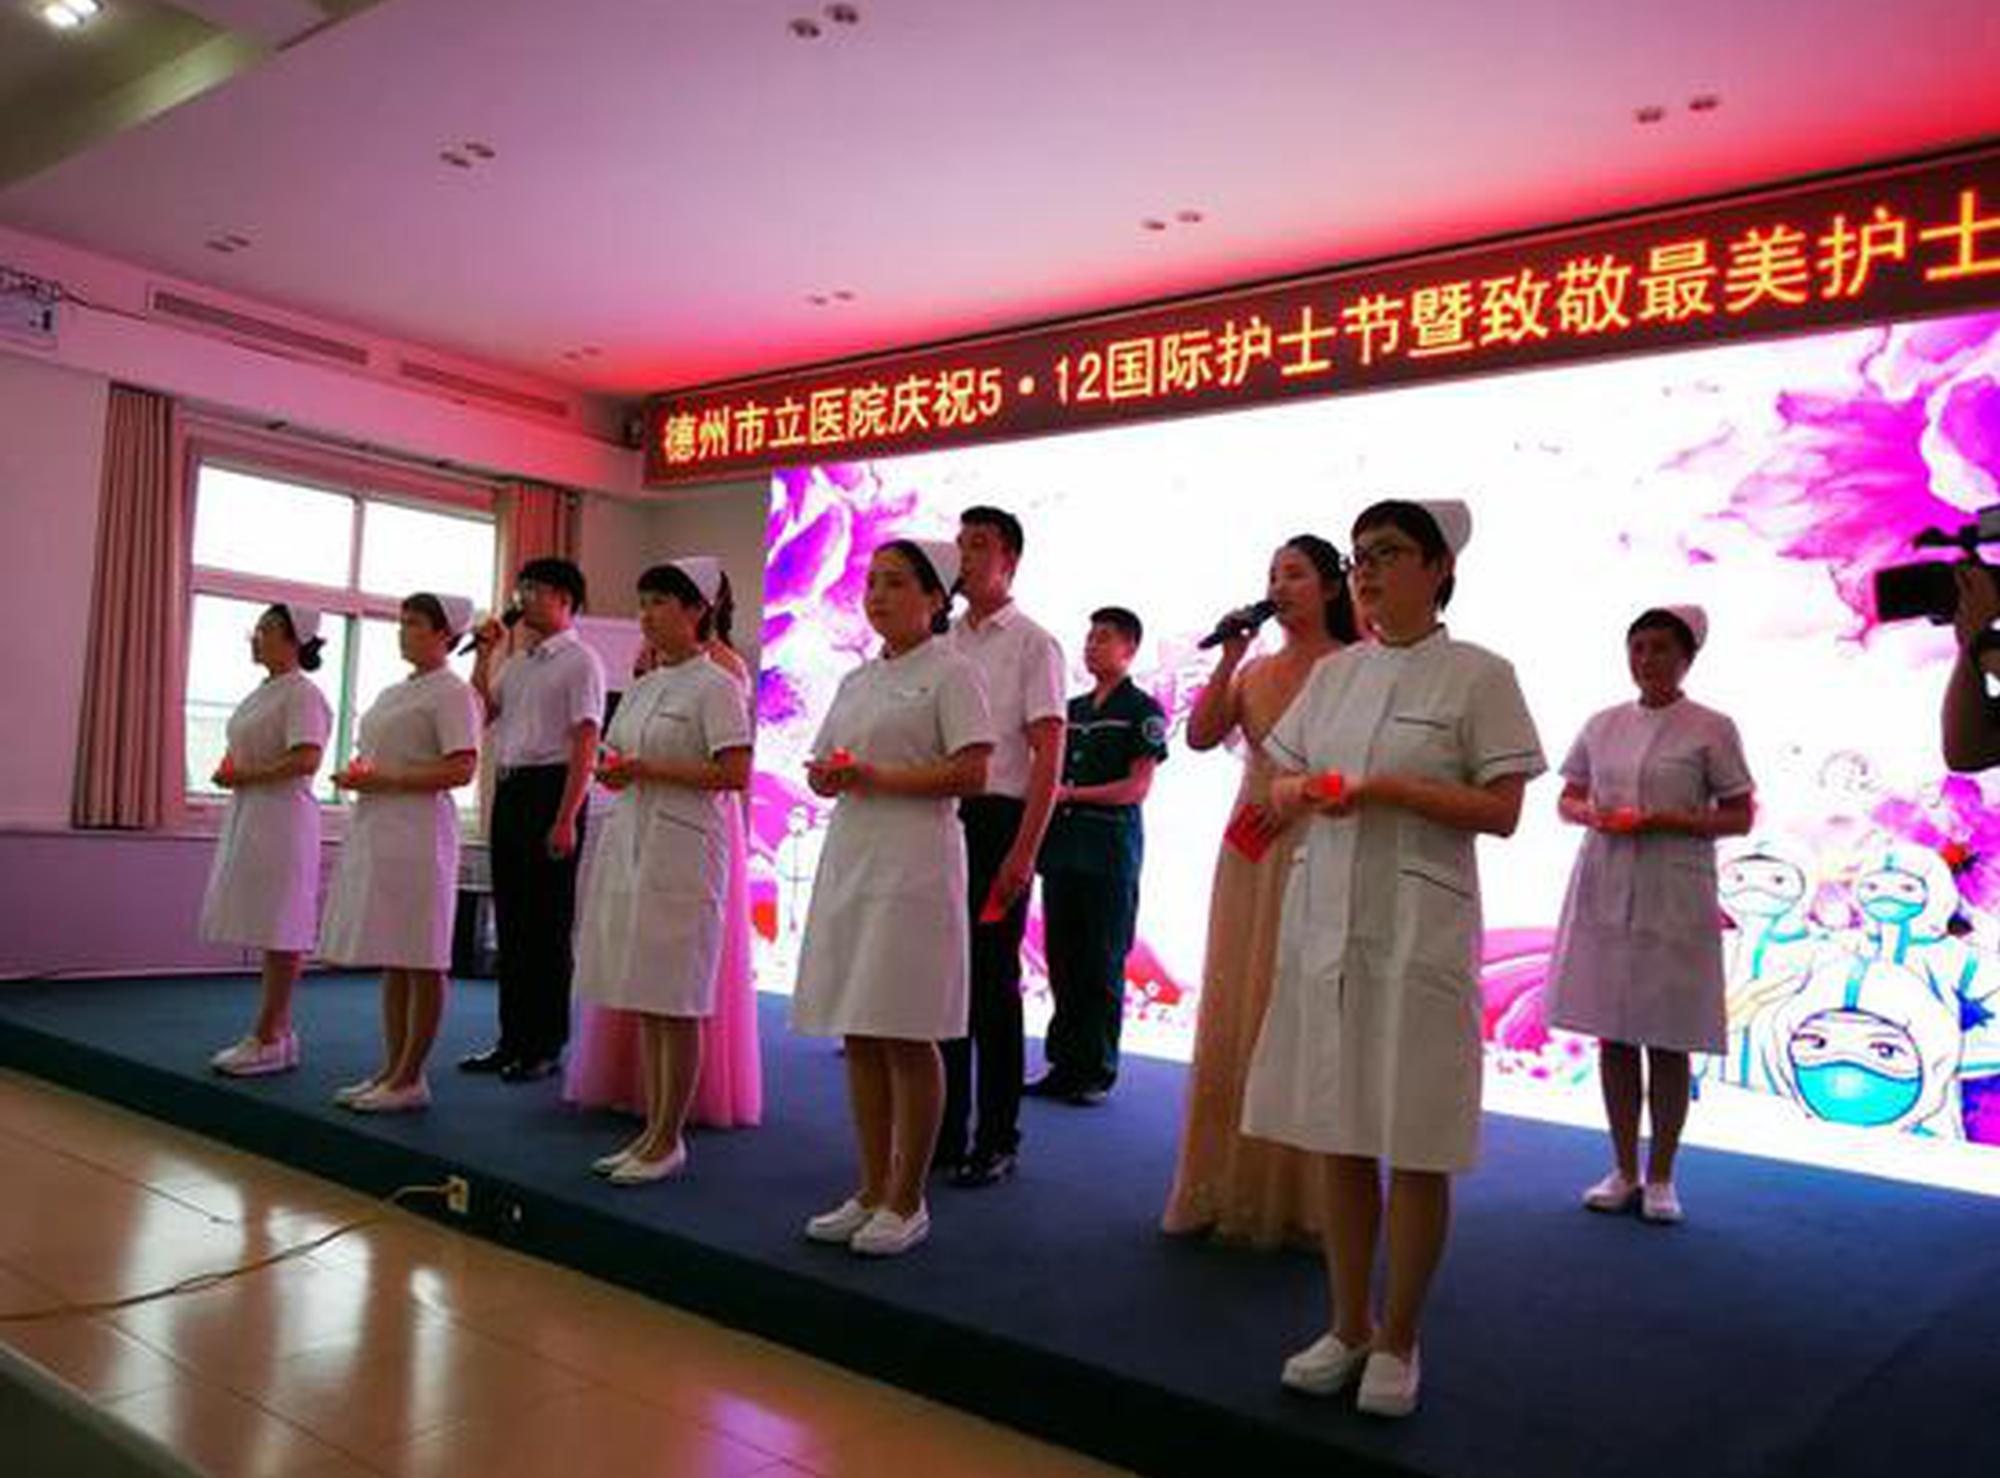 市立医院举行5.12护士节庆祝活动